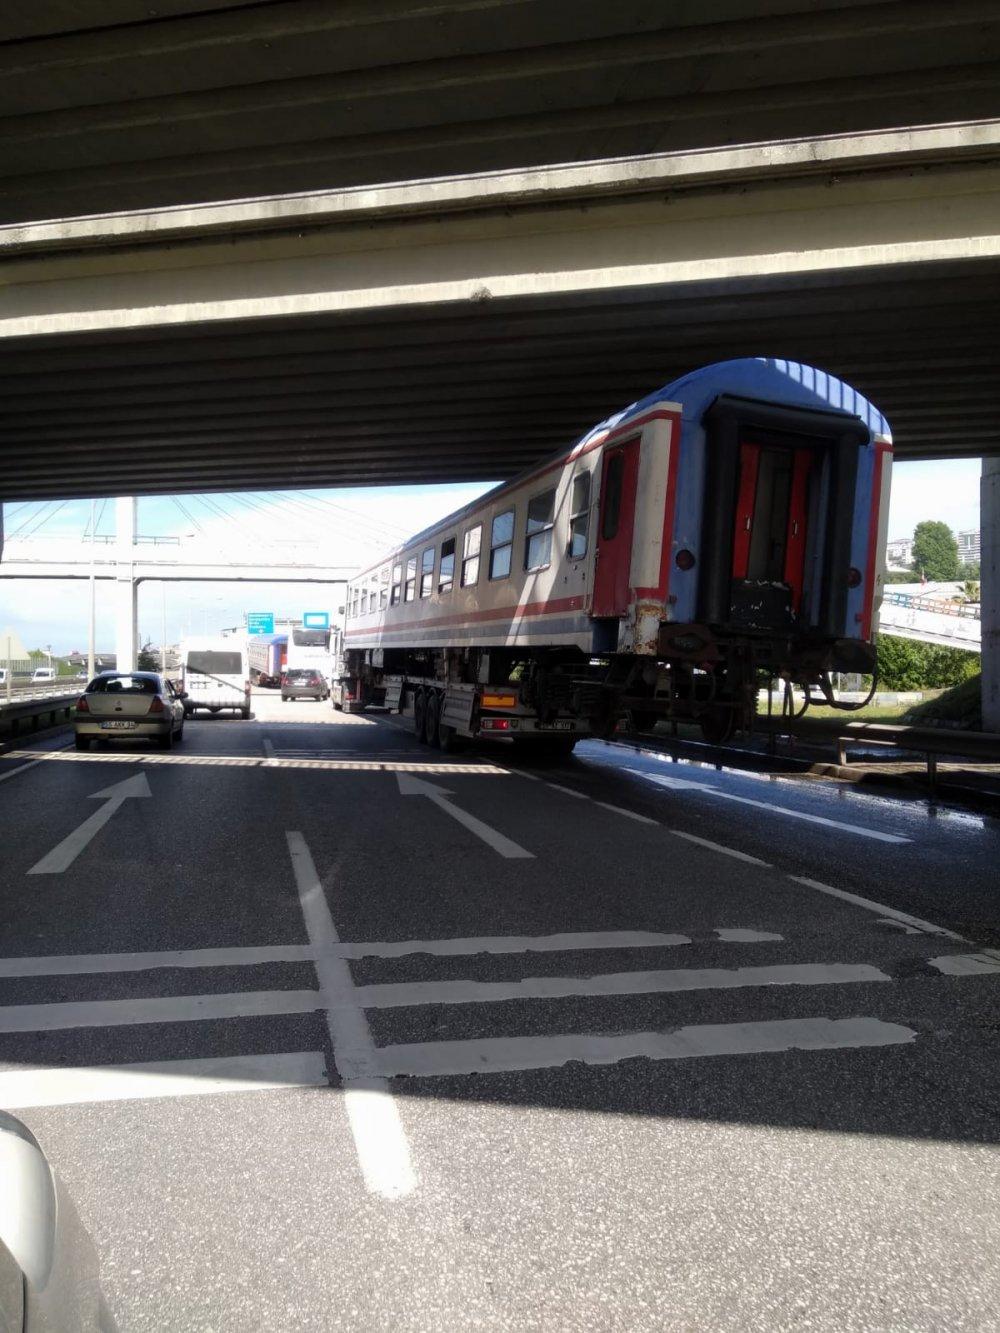 Karayolundaki tren vagonu şaşırttı